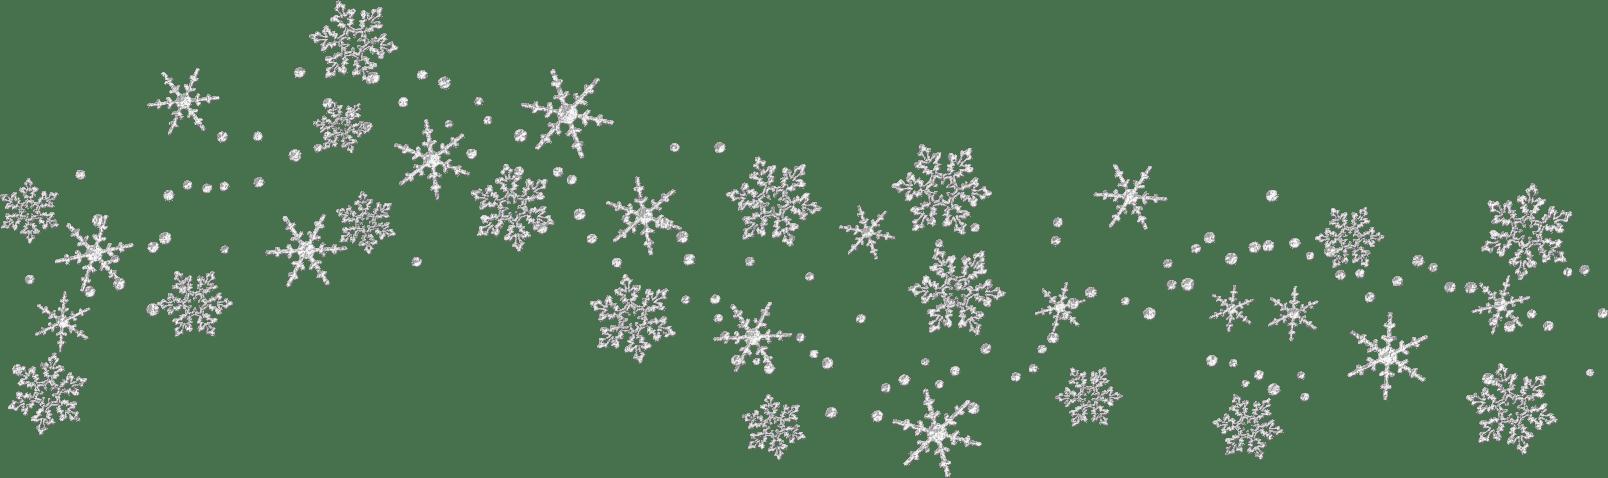 transparent-snowflakes-clipart-0